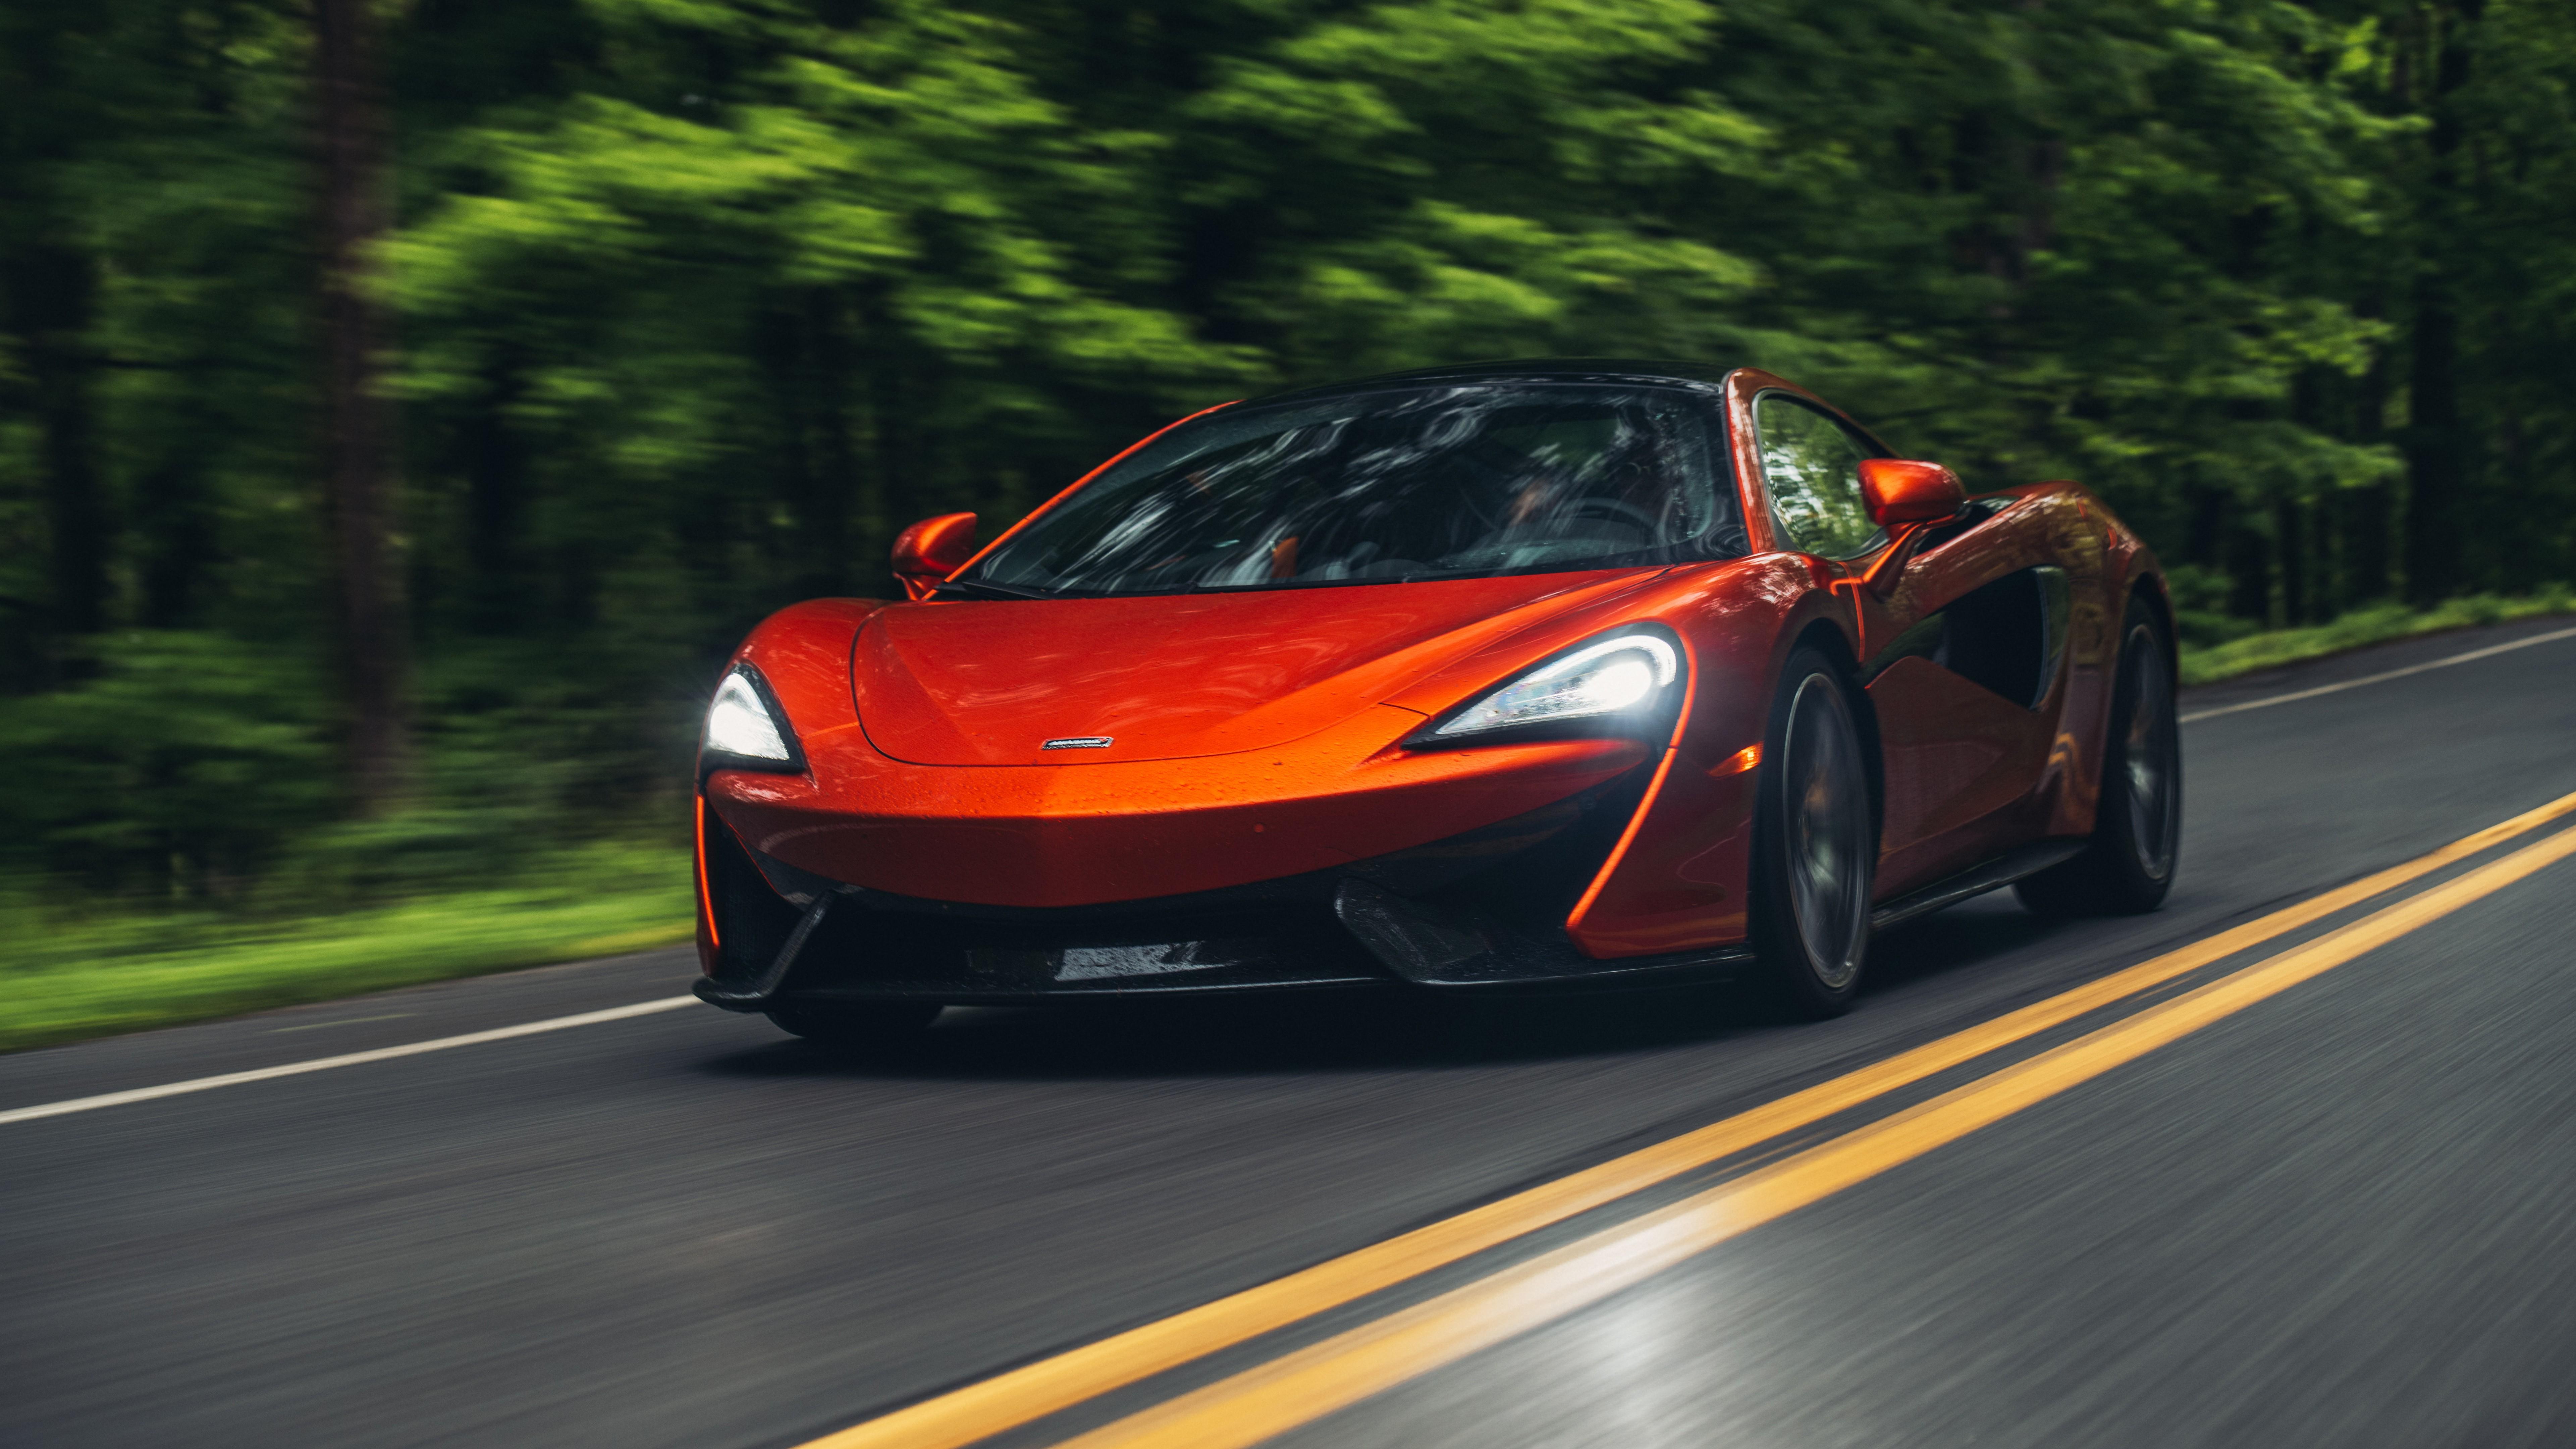 2018 McLaren 570S Spider 4K 8K Wallpaper | HD Car ...